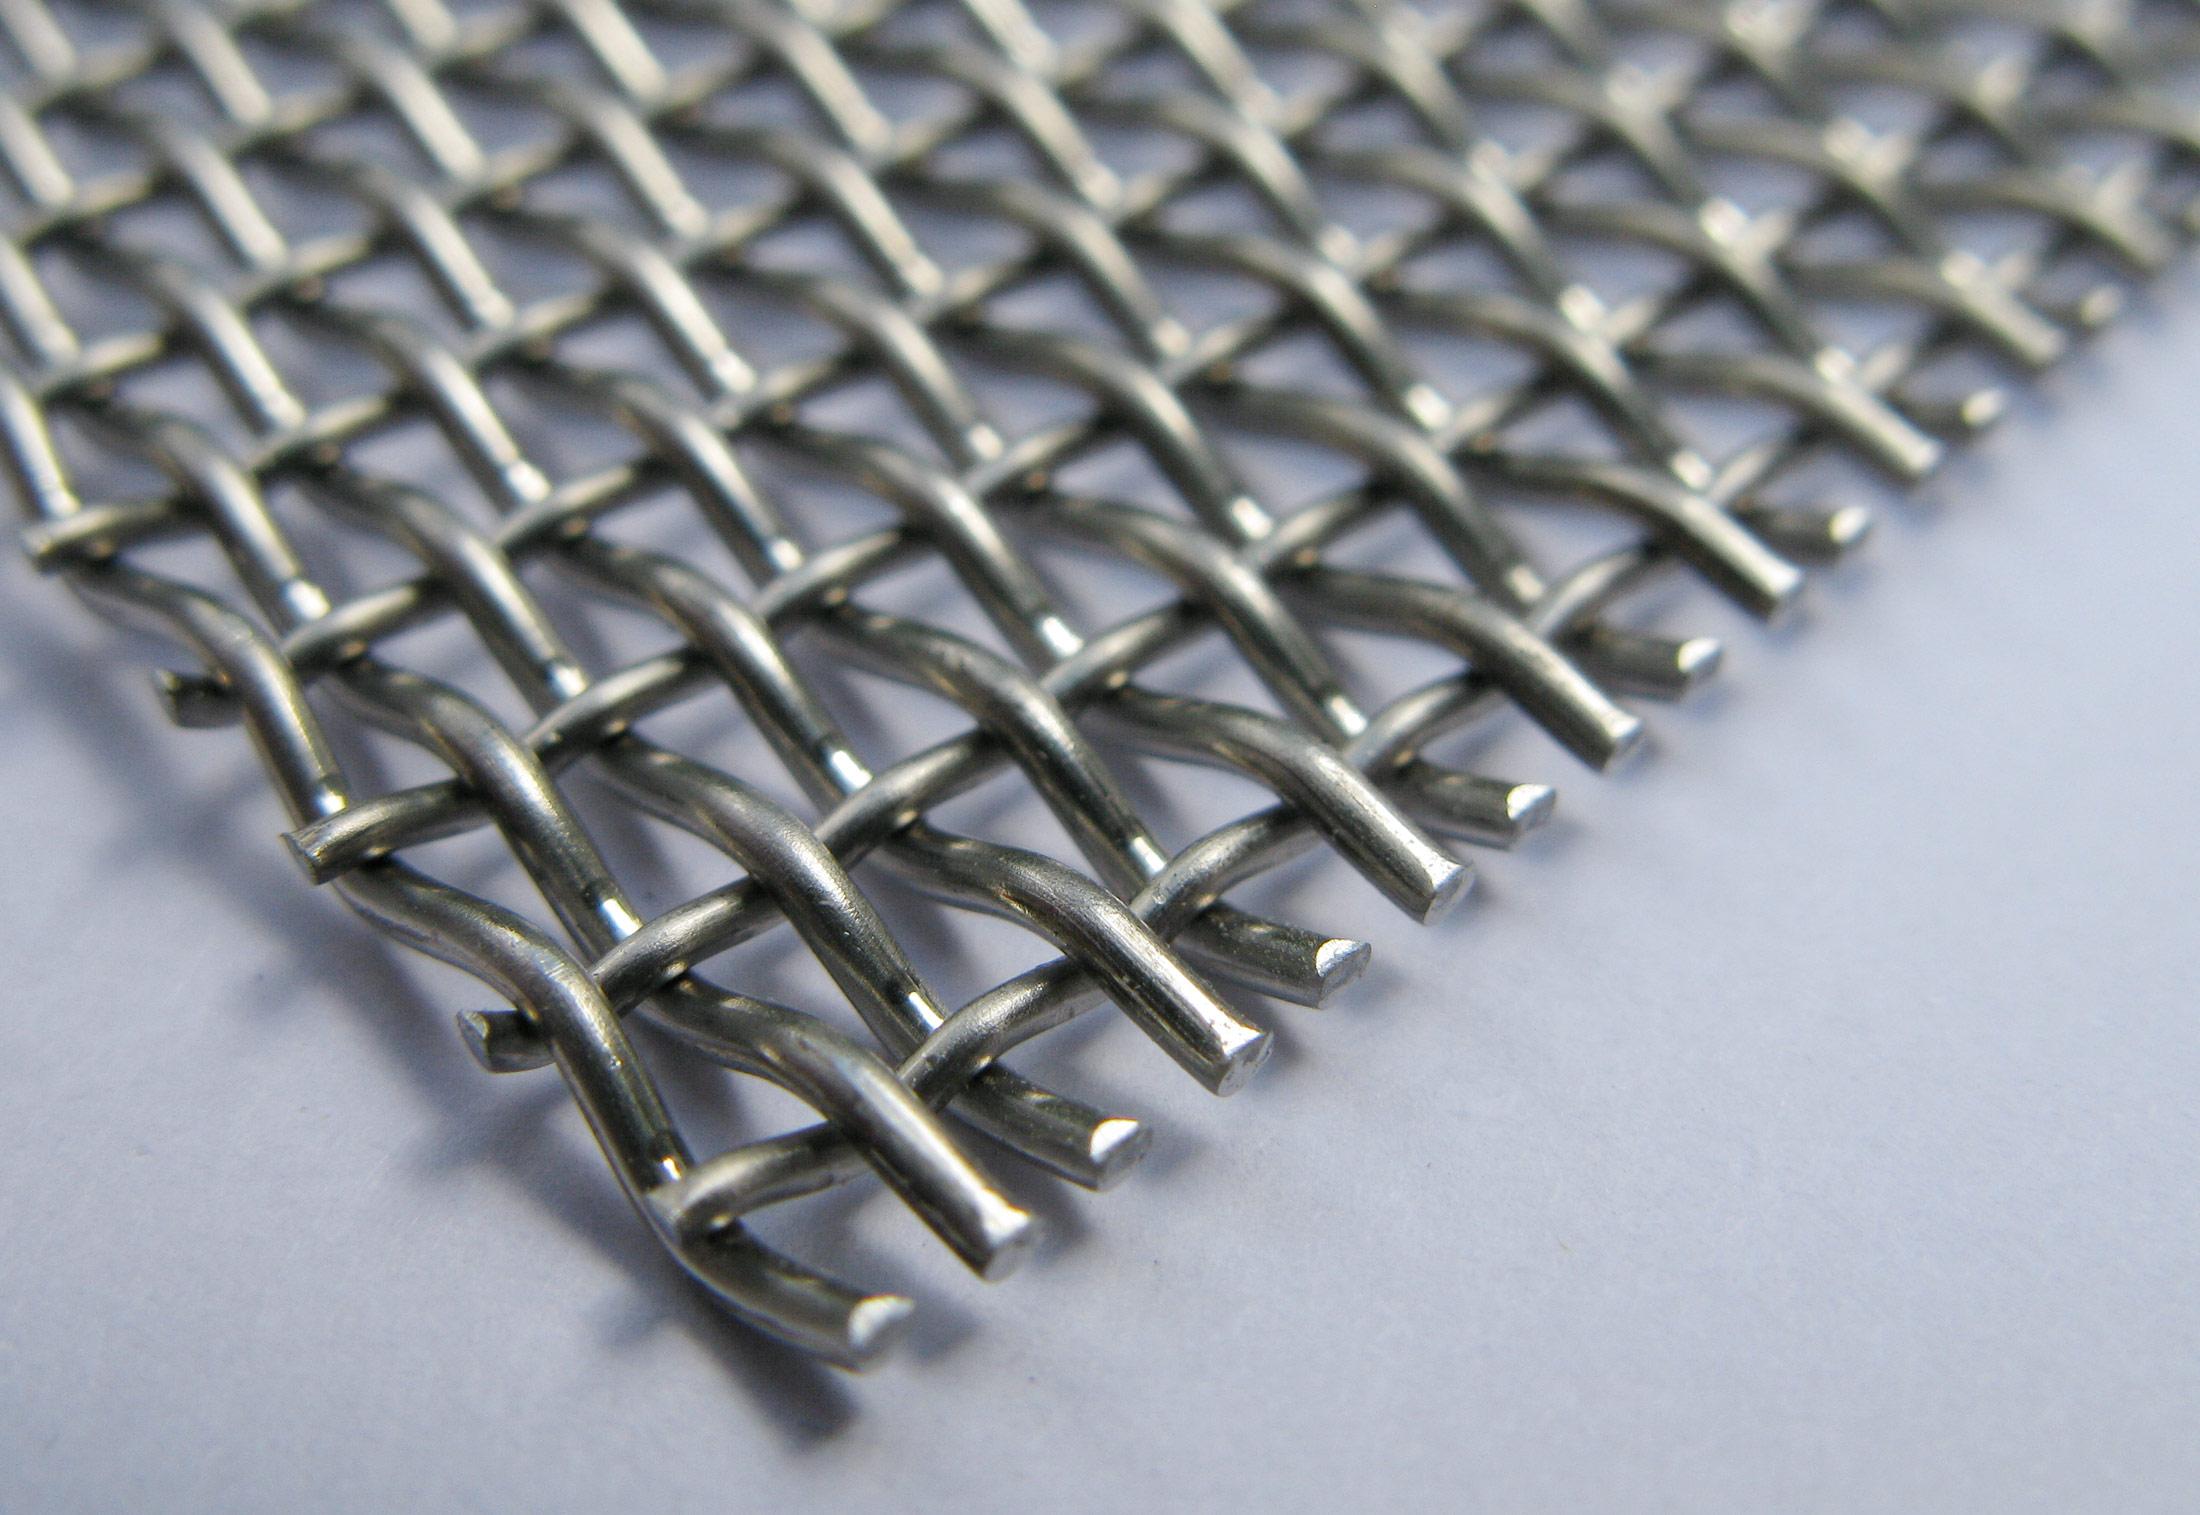 Stainless steel wire mesh by weisse eschrich stylepark